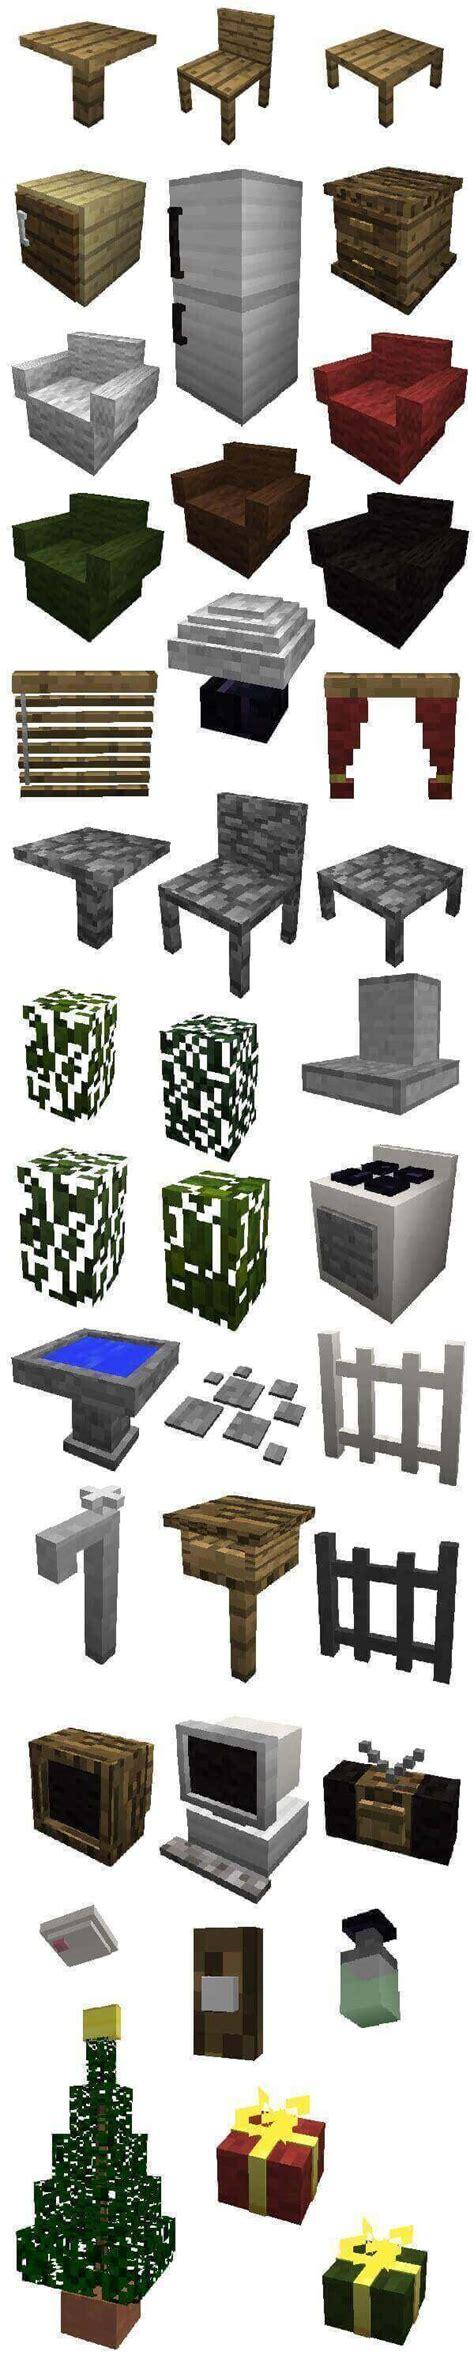 1 8 9 1 8 mrcrayfish s furniture mod v4 0 the outdoor mrcrayfish s furniture mod 1 8 9 1 7 10 minecraft